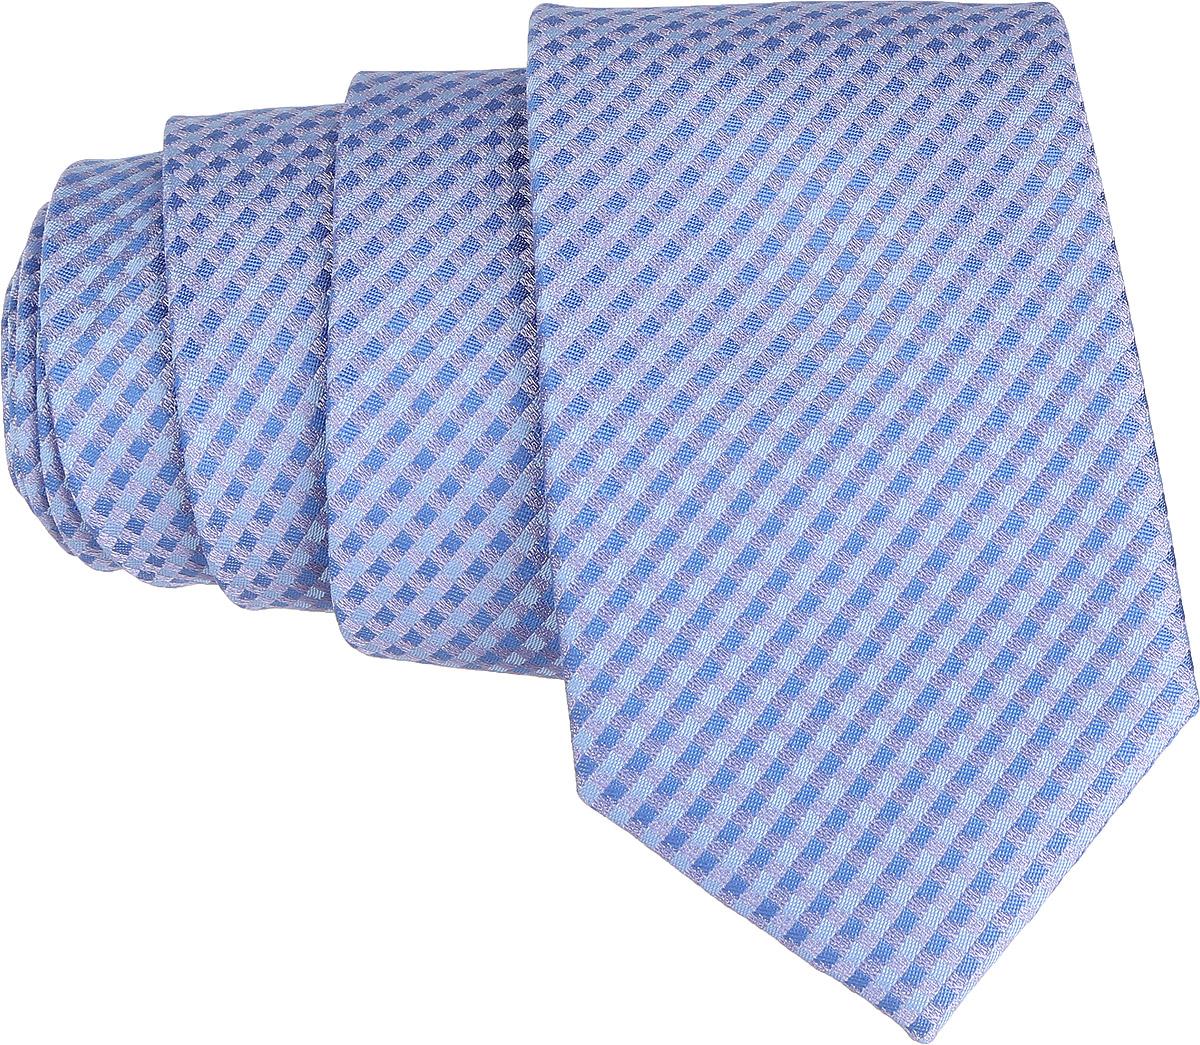 Галстук. 12.01852512.018520Стильный галстук BTC станет отличным завершающим штрихом вашего образа. Этот модный аксессуар порадует вас высоким качеством исполнения и современным дизайном. Изделие полностью выполнено из качественного полиэстера. Галстук оформлен оригинальным принтом. Такой оригинальный галстук подойдет как к повседневному, так и к официальному наряду, он позволит вам подчеркнуть свою индивидуальность и создать свой неповторимый стиль.